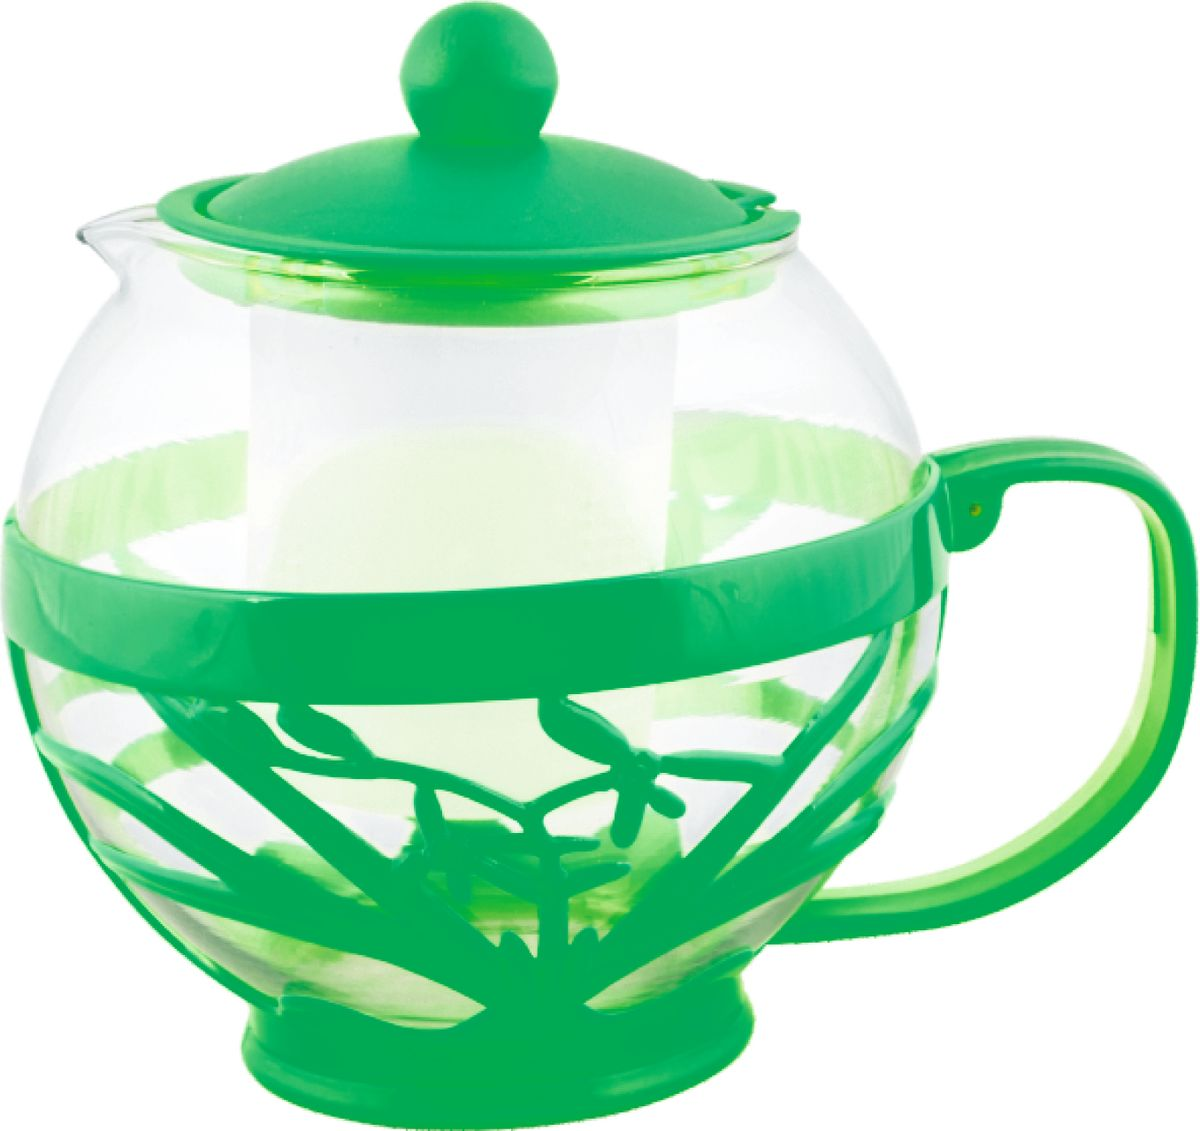 Чайник заварочный Irit, цвет: зеленый, 0,75 л. KTZ-075-006KTZ-075-006Чайник заварочный 0,75л, термостойкий не нагревающийся пластик, ударостойкое жаропрочное стекло, фильтр из высококачественной нержавеющей стали